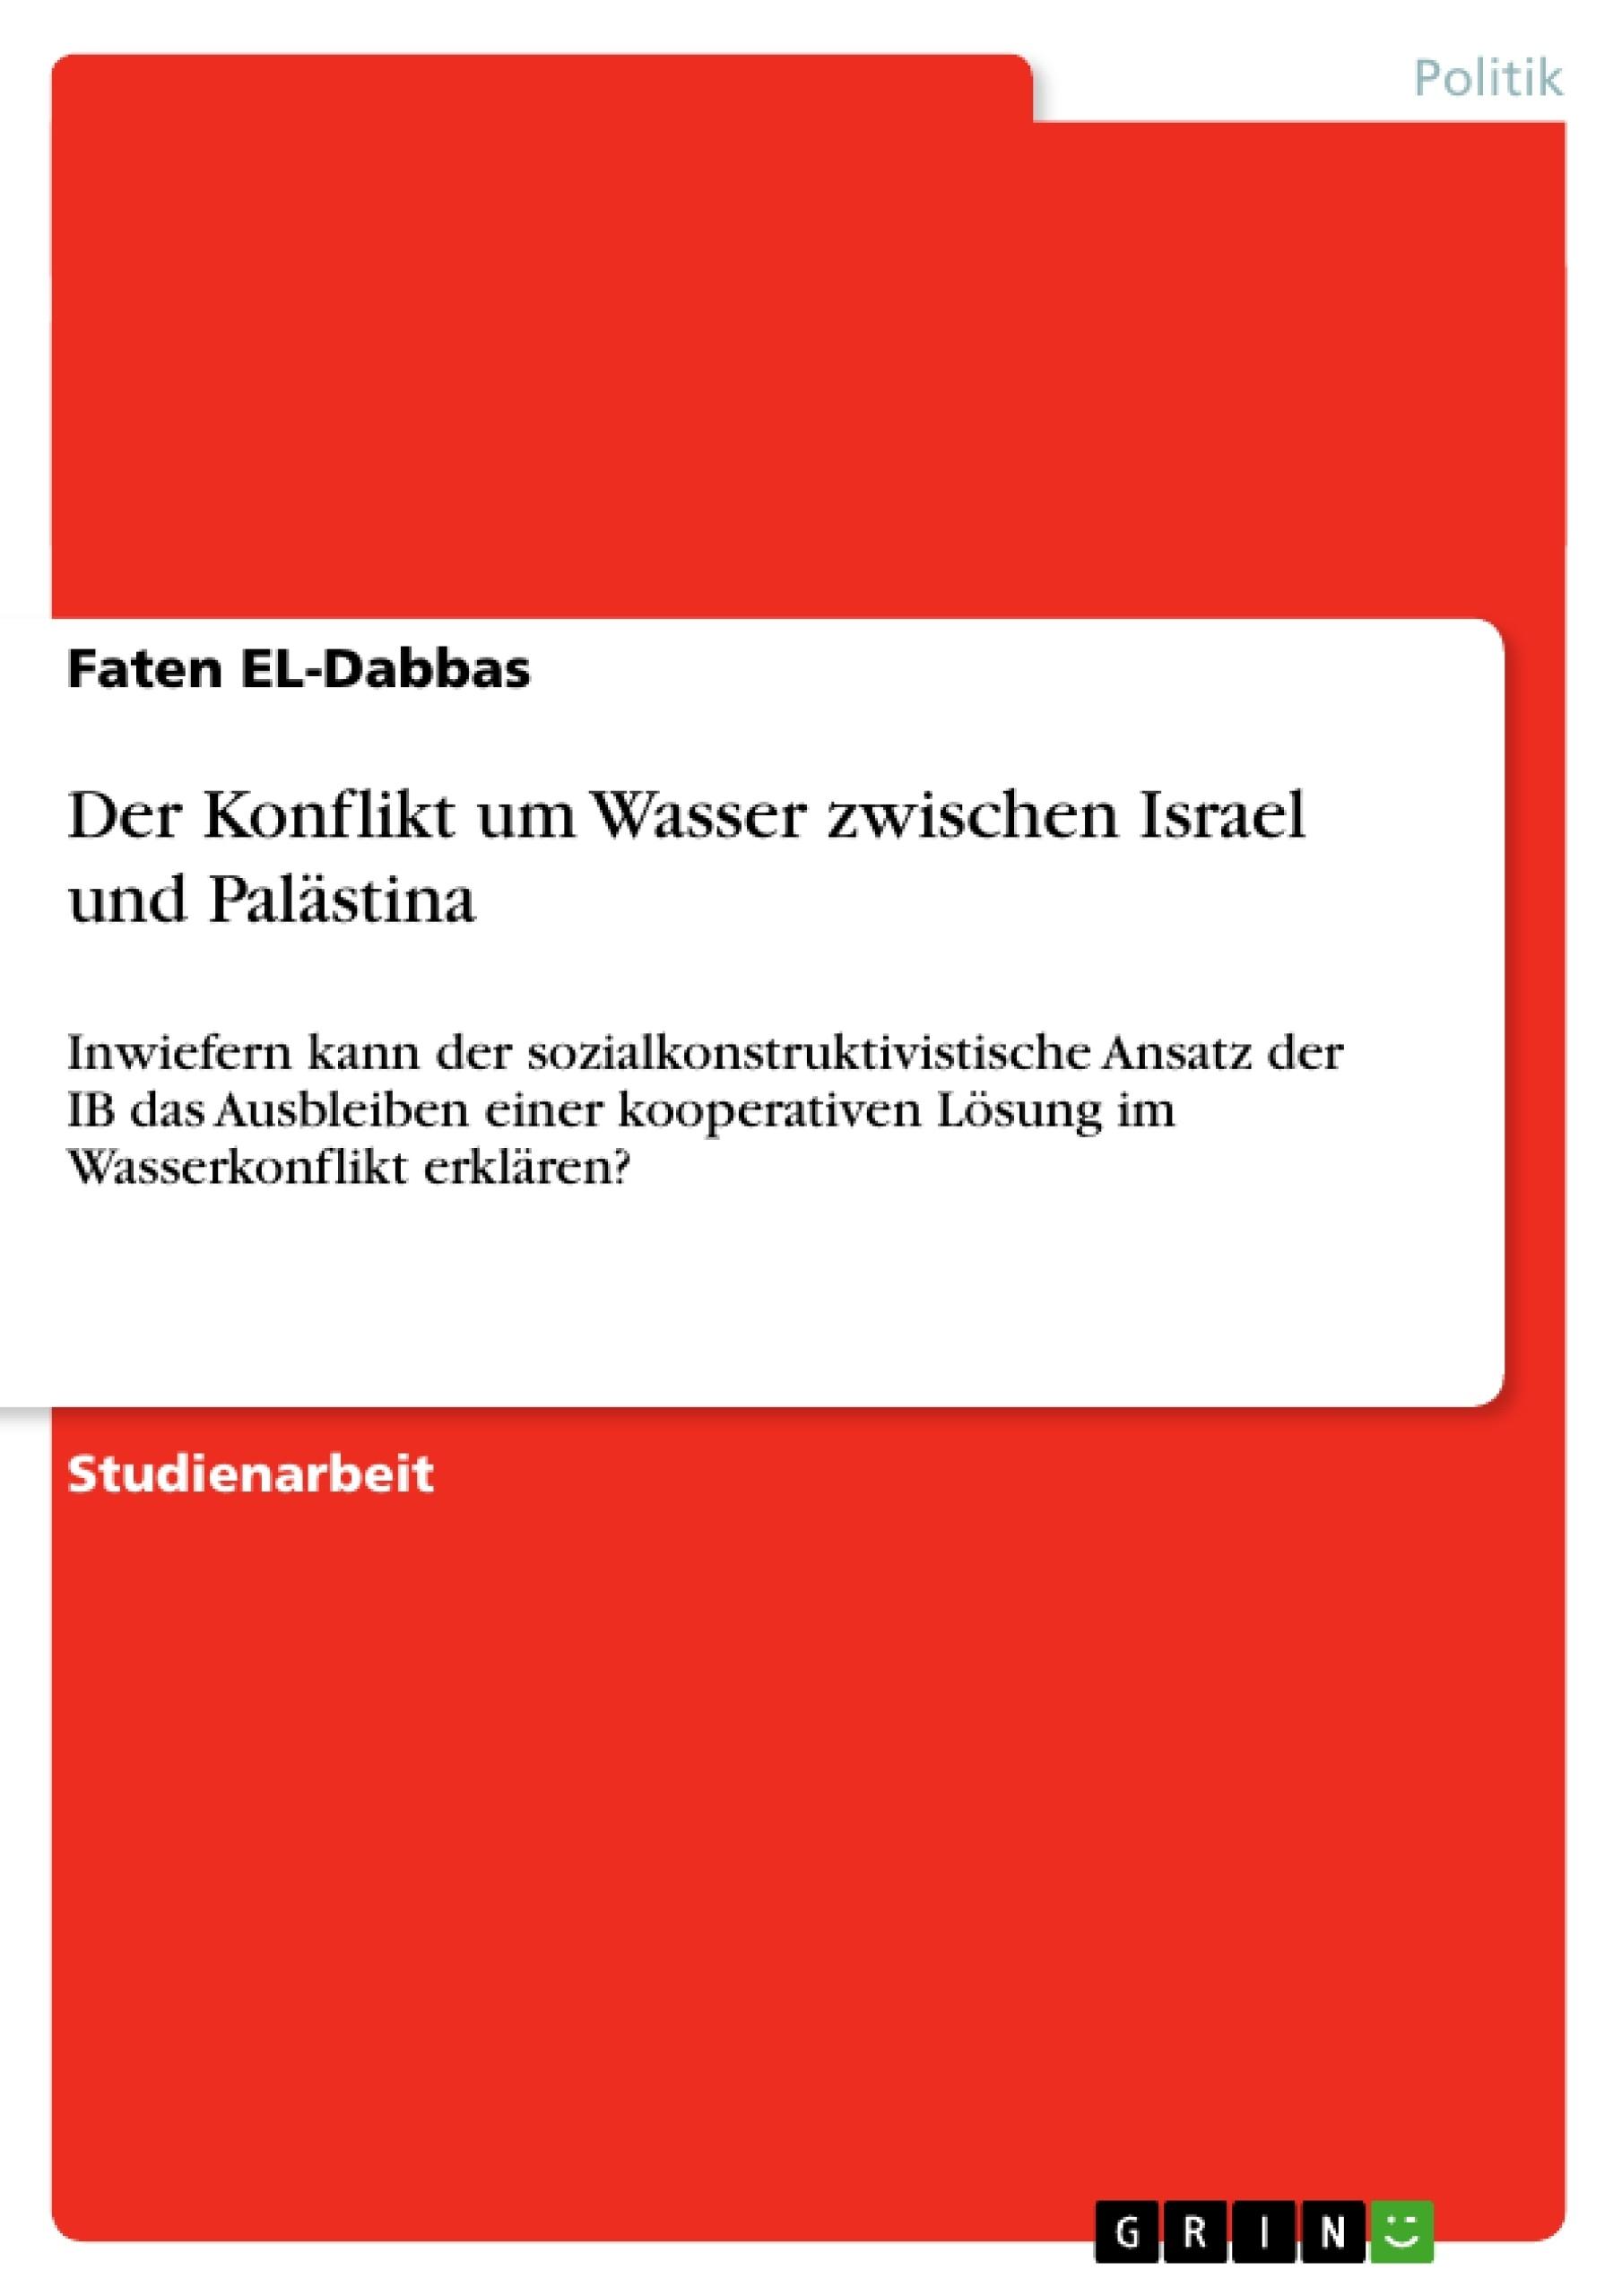 Titel: Der Konflikt um Wasser zwischen Israel und Palästina